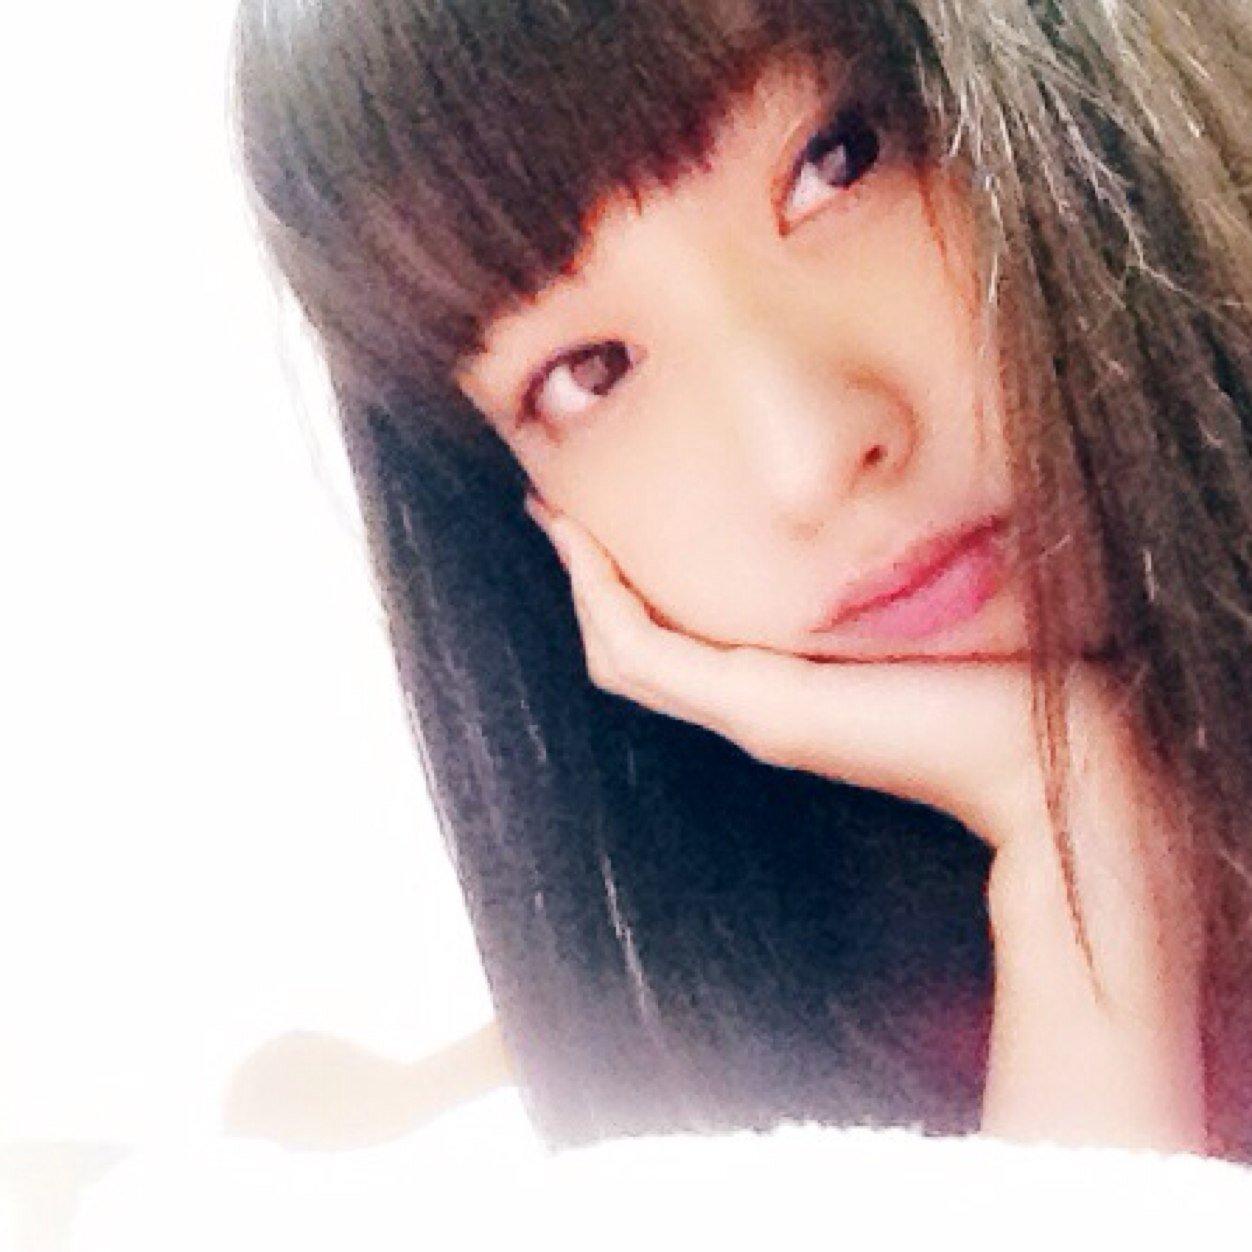 顔の肌がきれいな大谷澪さん